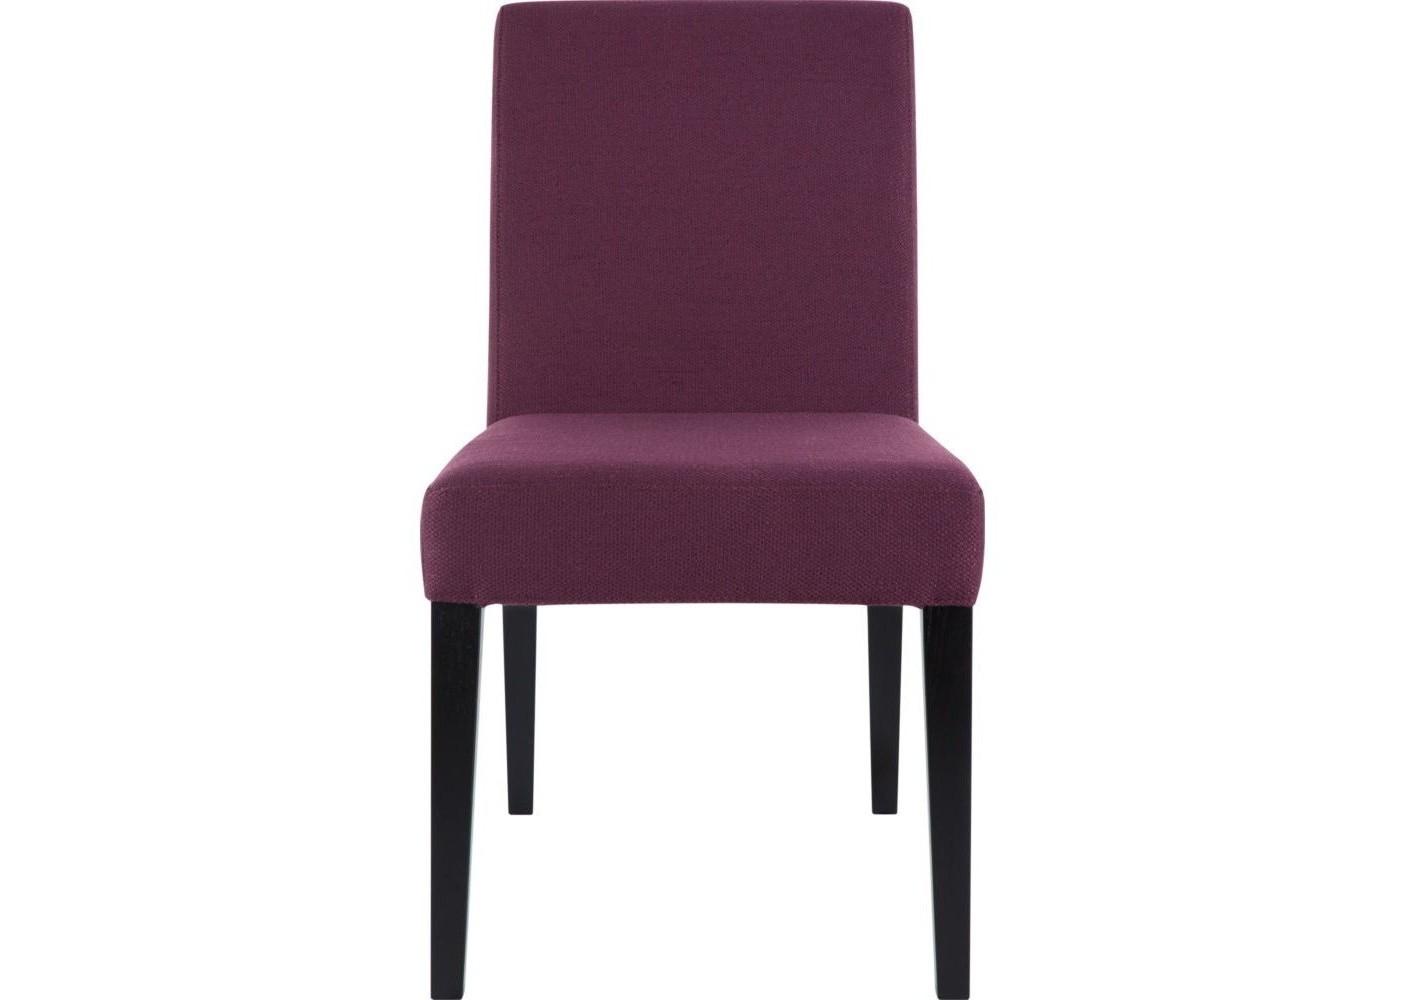 СтулОбеденные стулья<br><br><br>Material: Текстиль<br>Ширина см: 50.0<br>Высота см: 89.0<br>Глубина см: 70.0